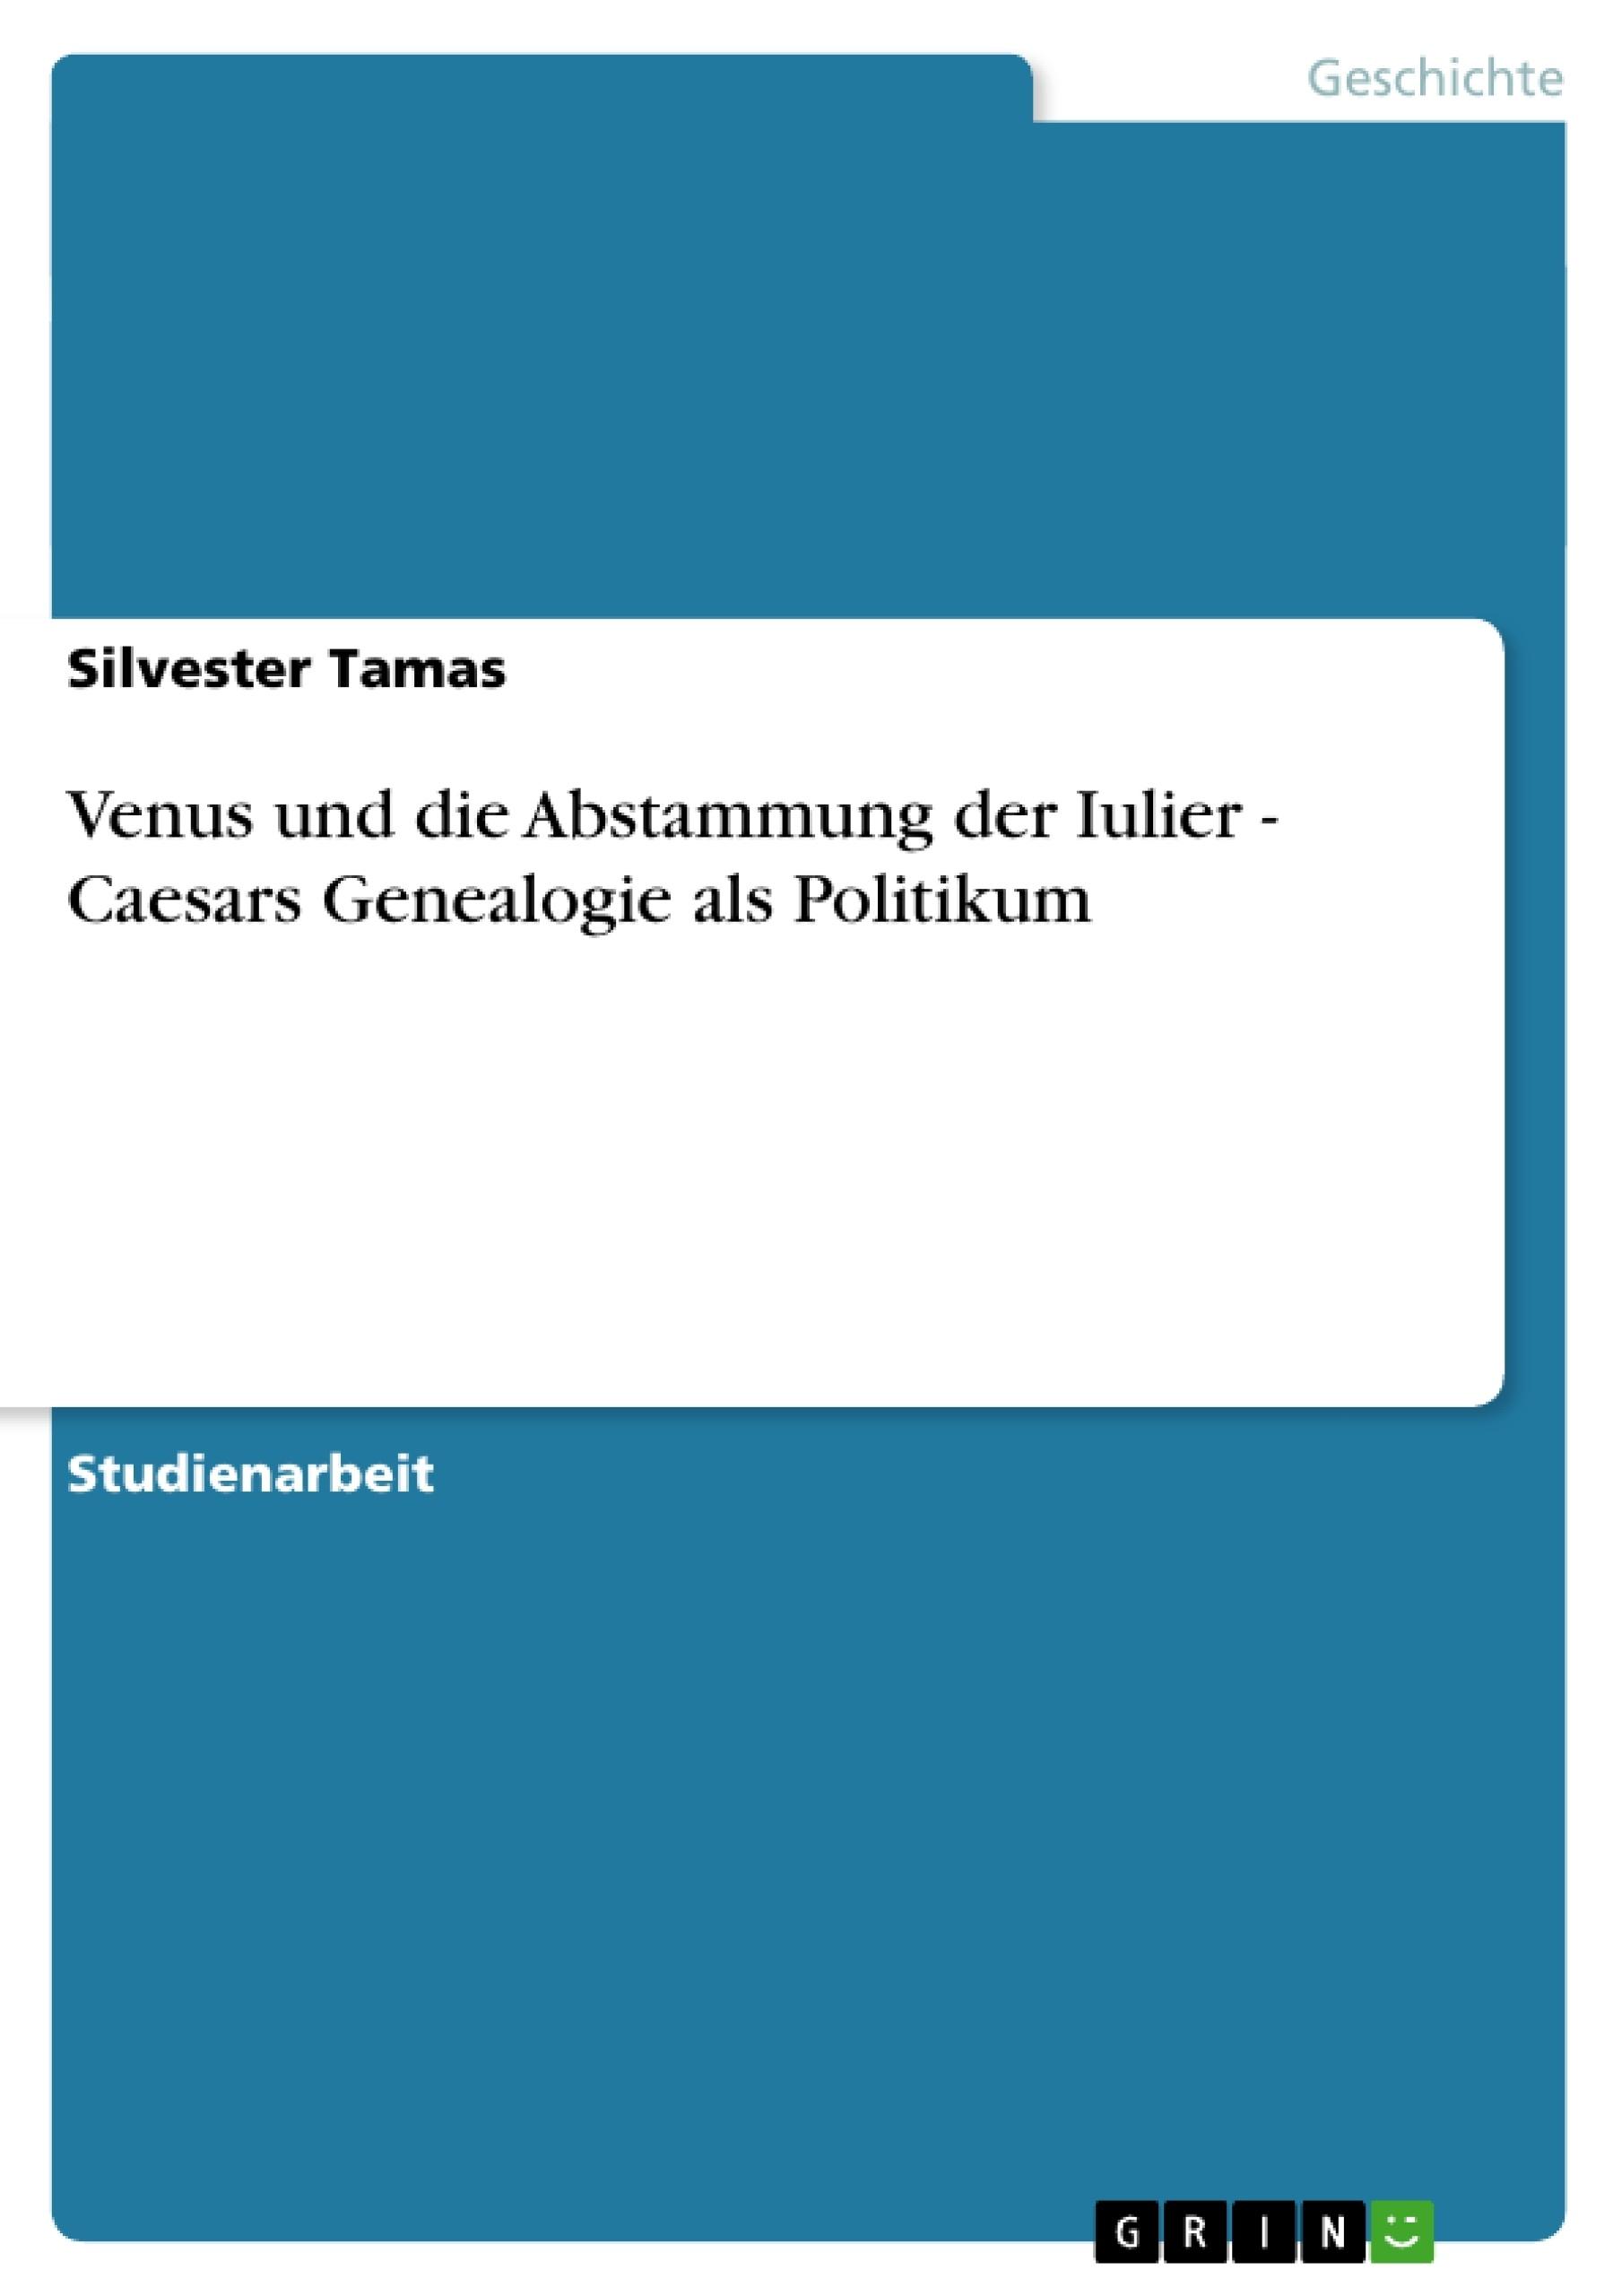 Titel: Venus und die Abstammung der Iulier - Caesars Genealogie als Politikum